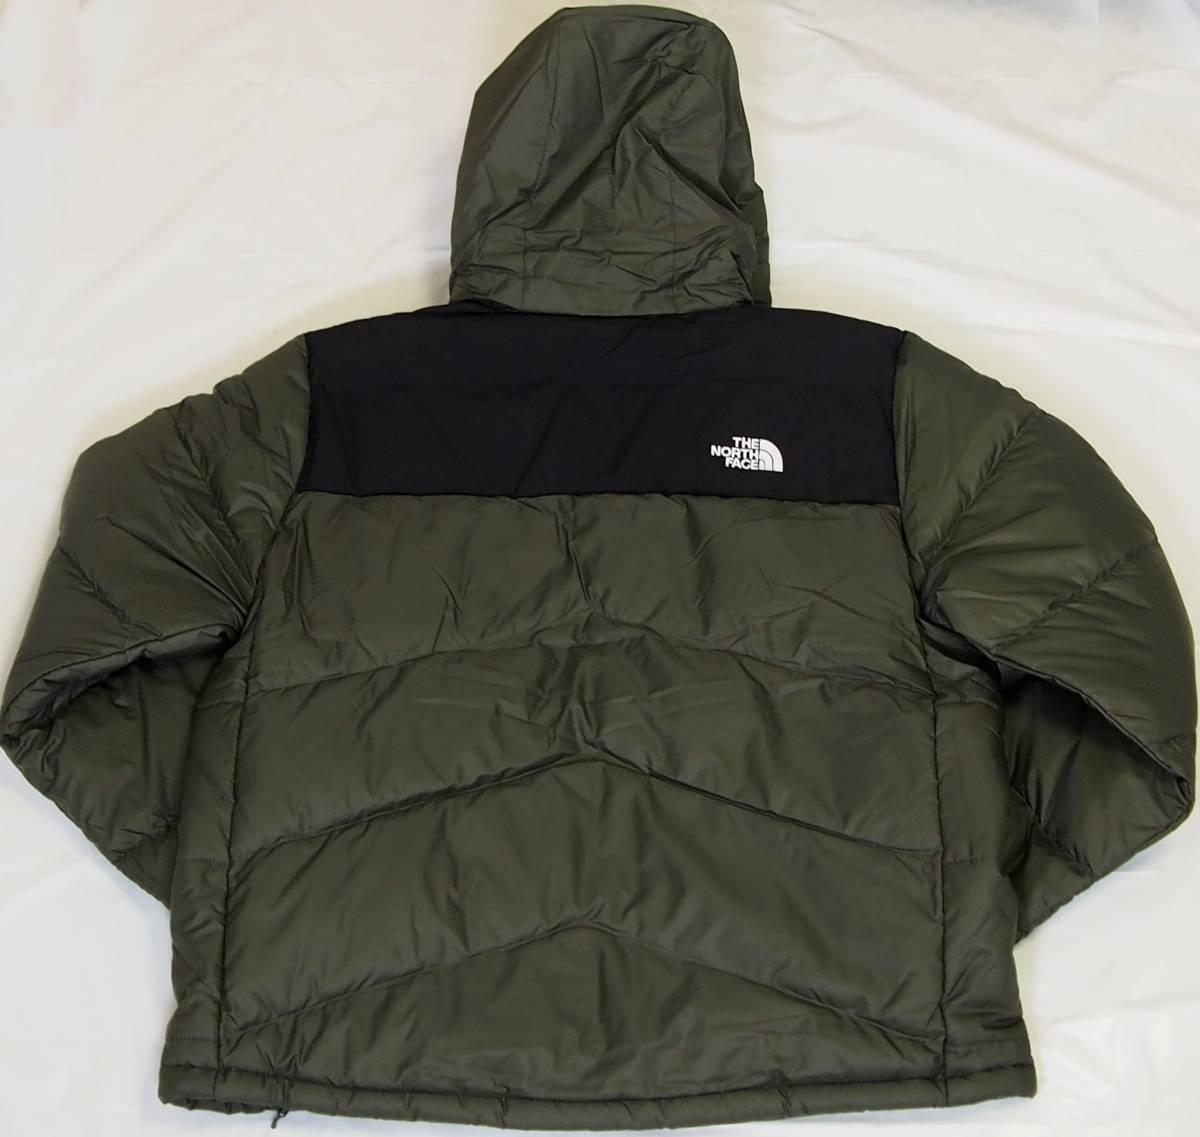 【USA購入、未使用タグ付】ノースフェイス Balham ダウンジャケット メンズ L グリーン Balham Down Jacket NEW TAUPE GREEN MATTE_画像3